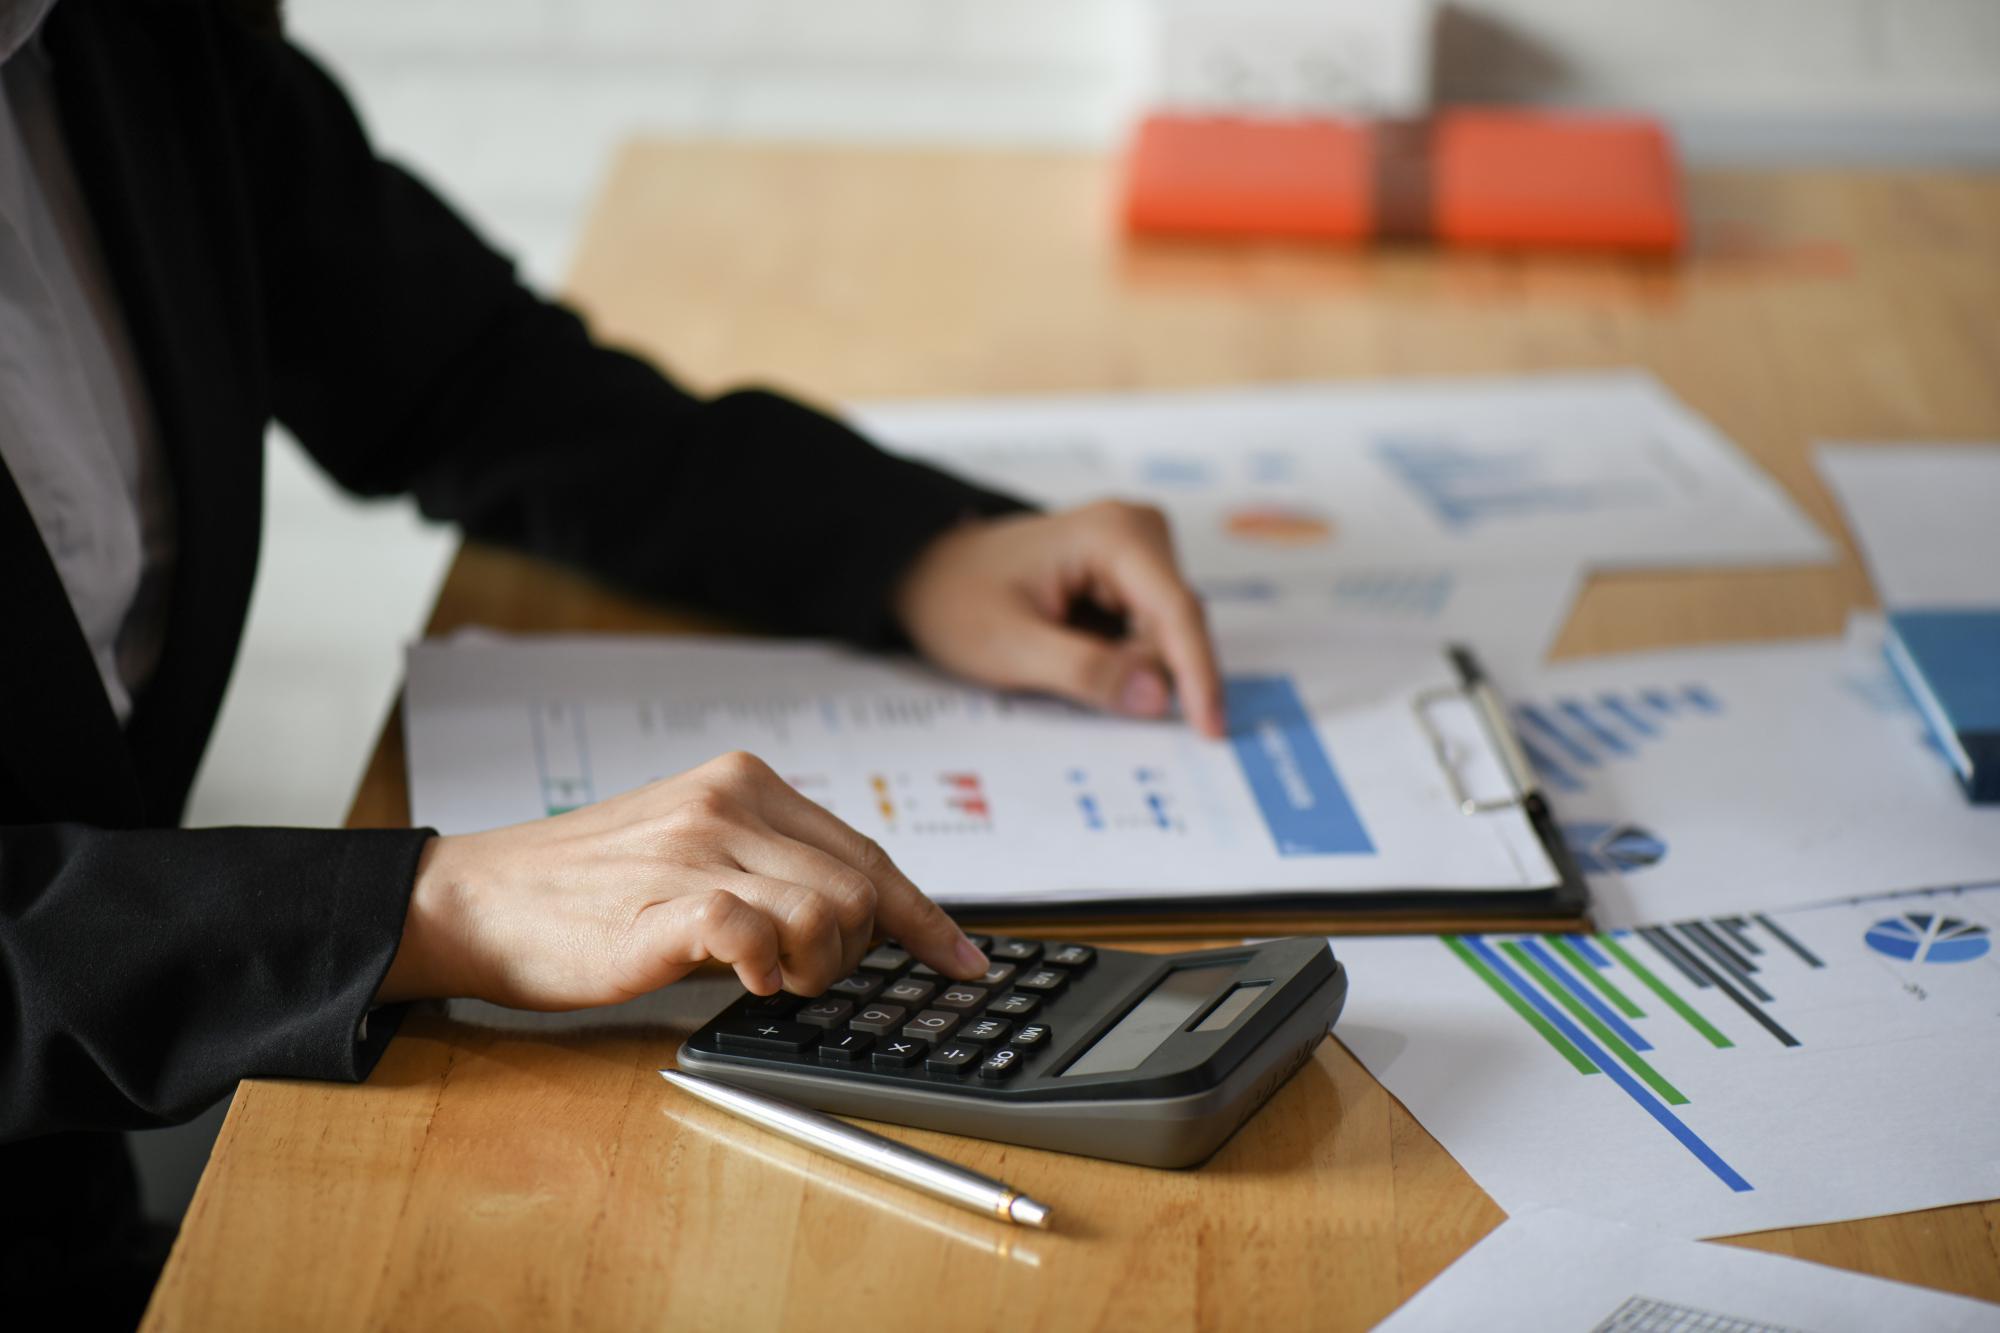 О реорганизации и ликвидации юрлица не надо будет сообщать в налоговый орган